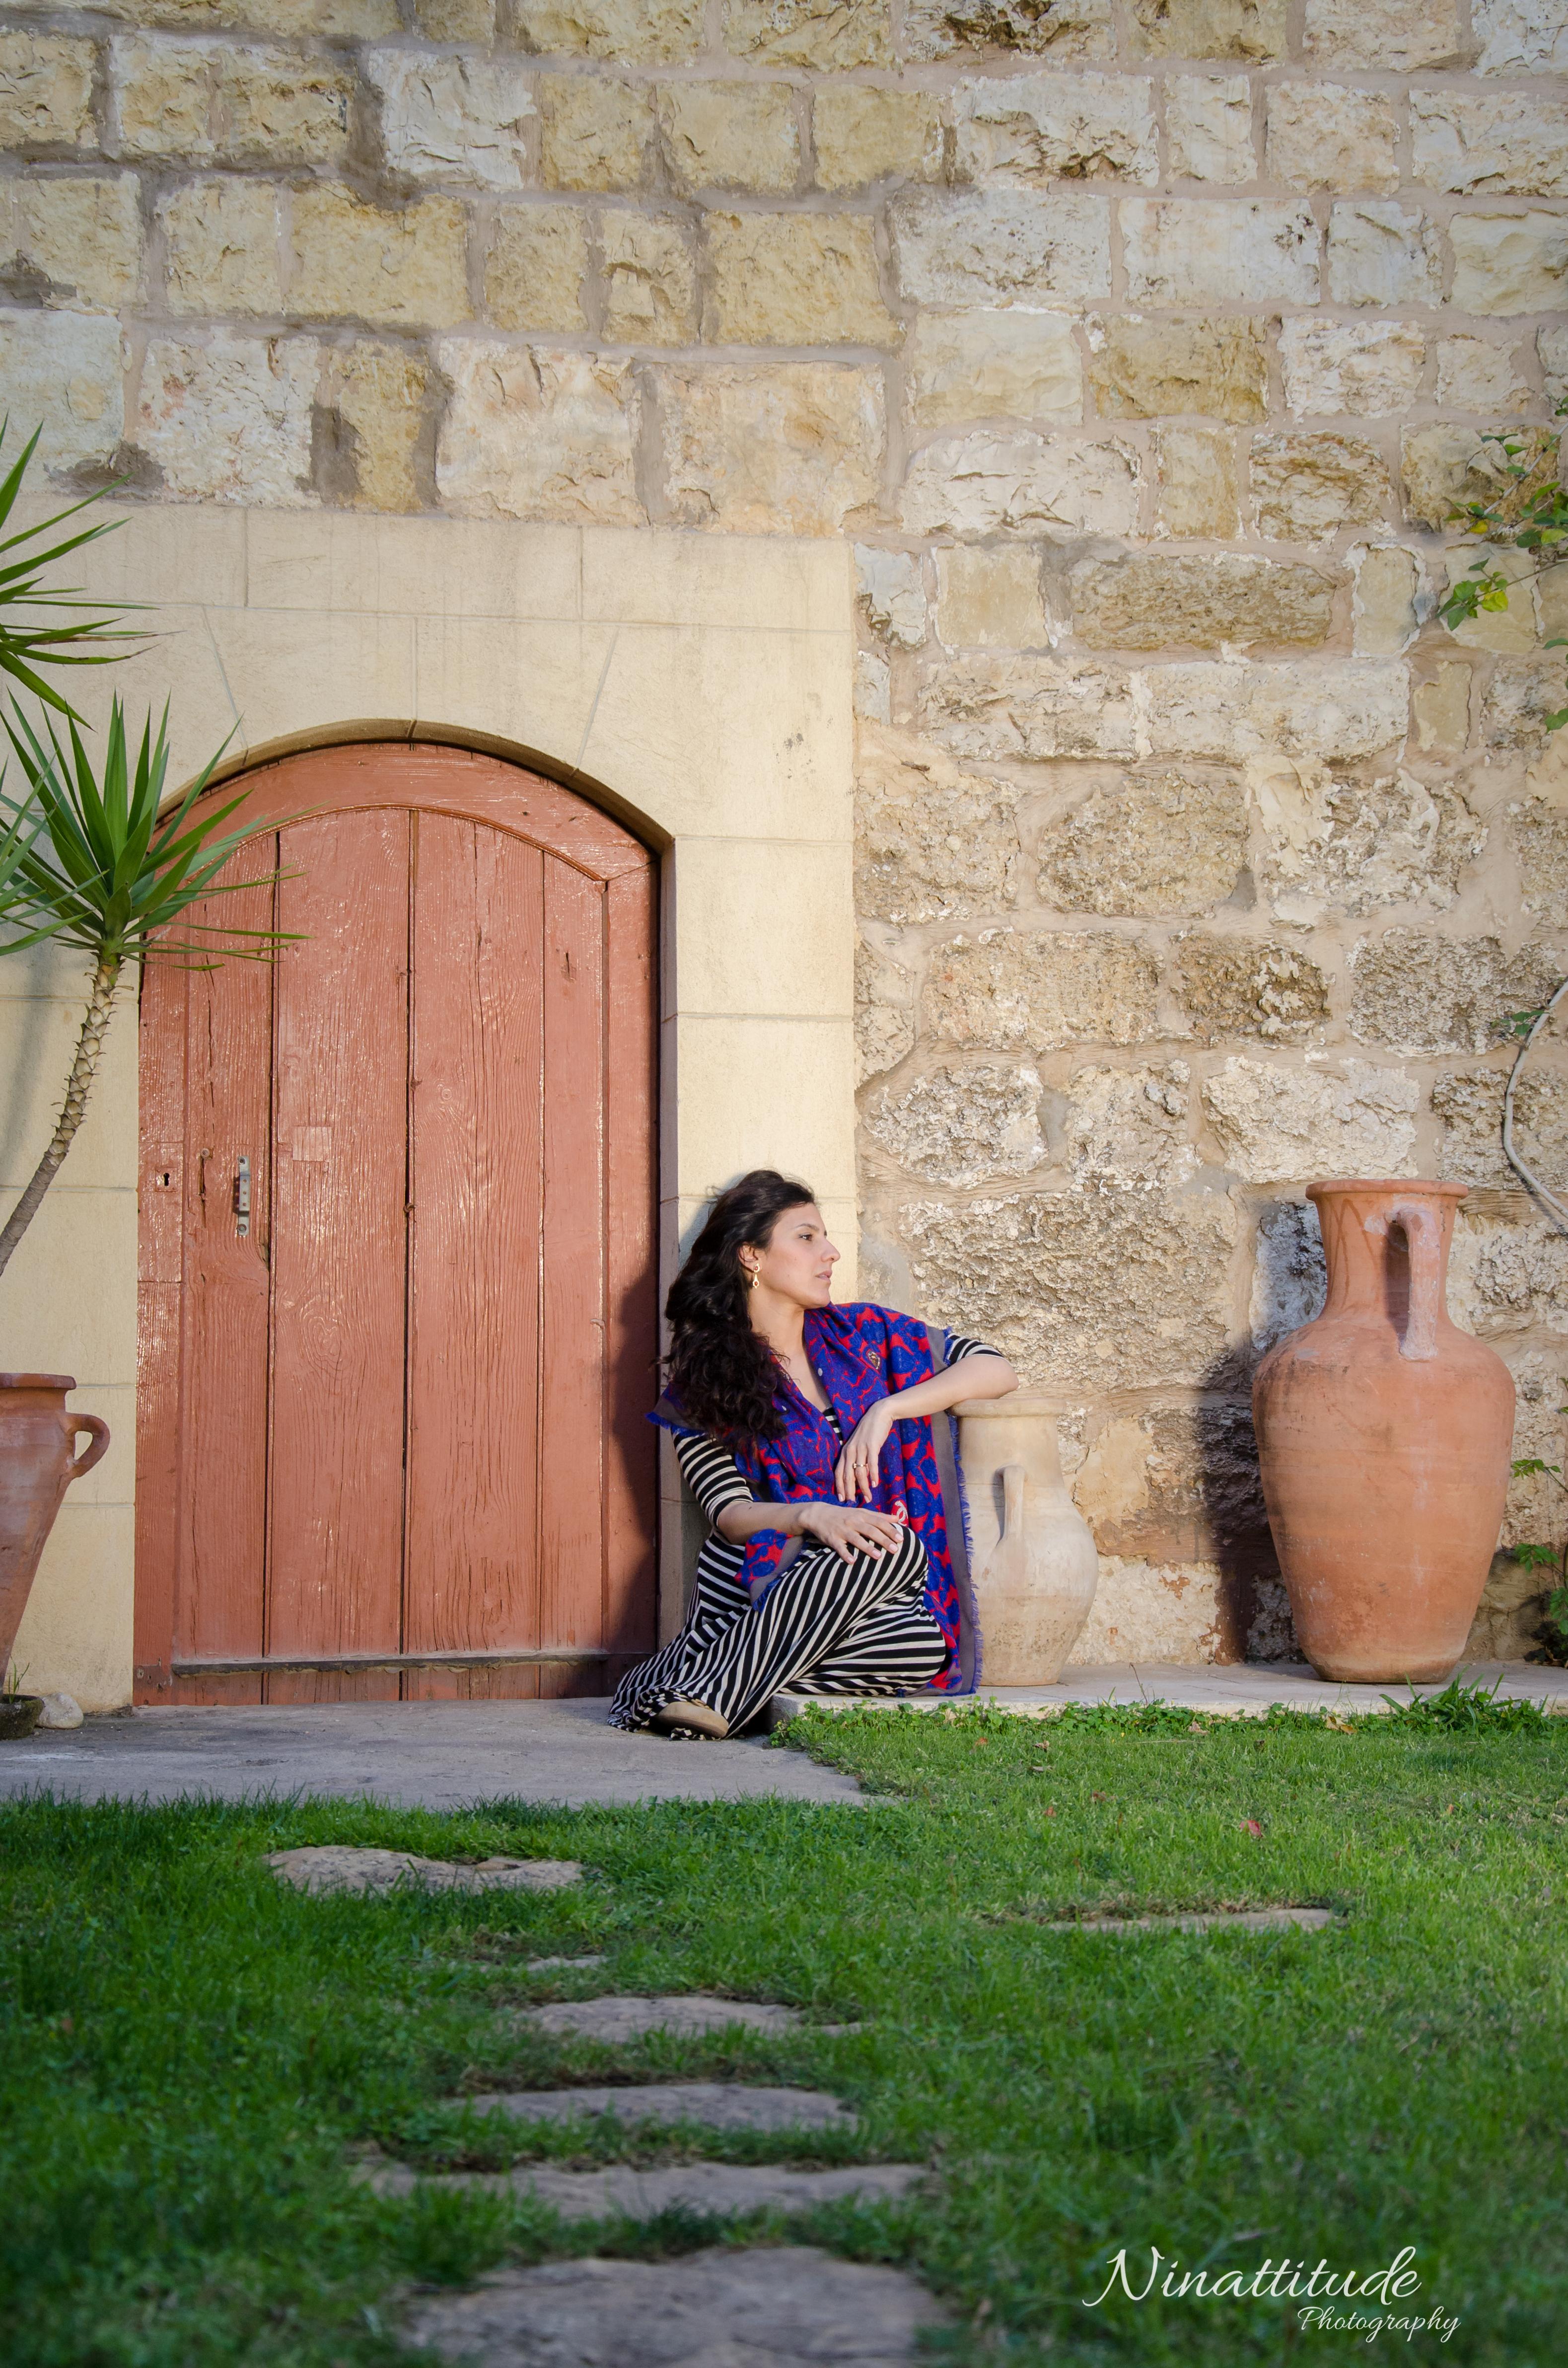 Ninattitude - Lori La Armenia